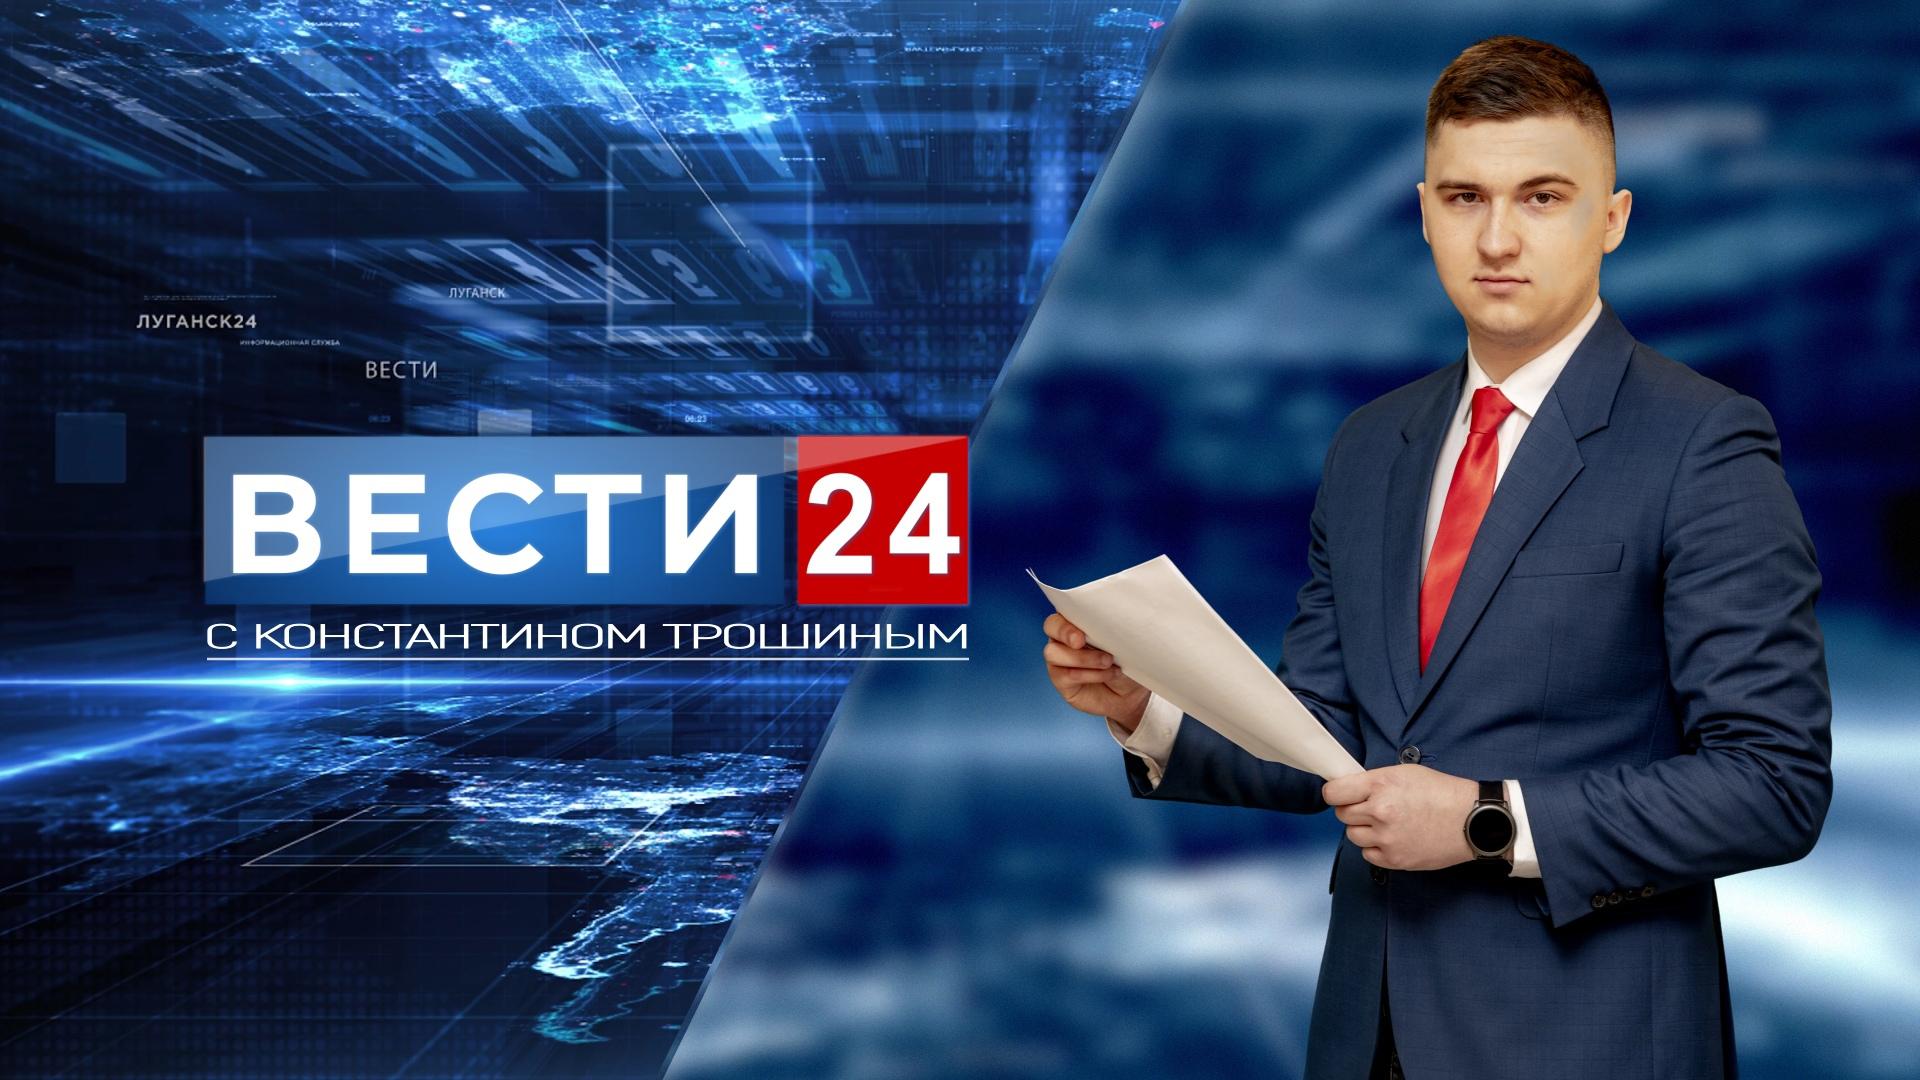 ГТРК ЛНР. Вести. 29 июля 2021 г. 21:30